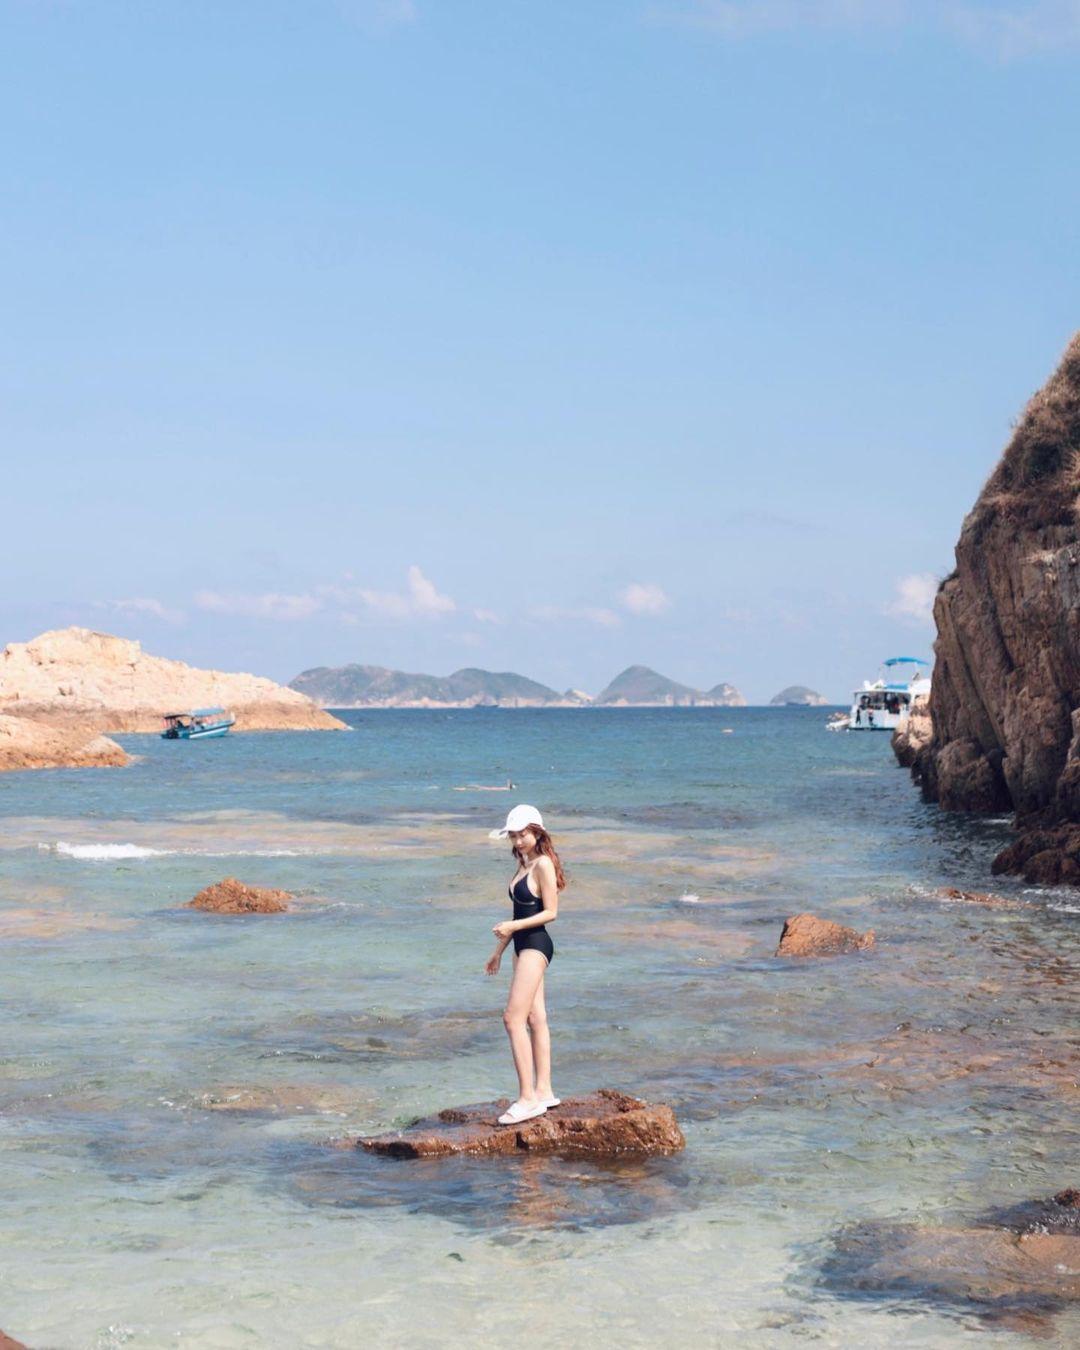 如此美麗的大自然環境,完全能媲美不少度假勝地的景色,難怪有「港版馬爾代夫水」的別名。(圖片授權轉載:IG@emily_0224)